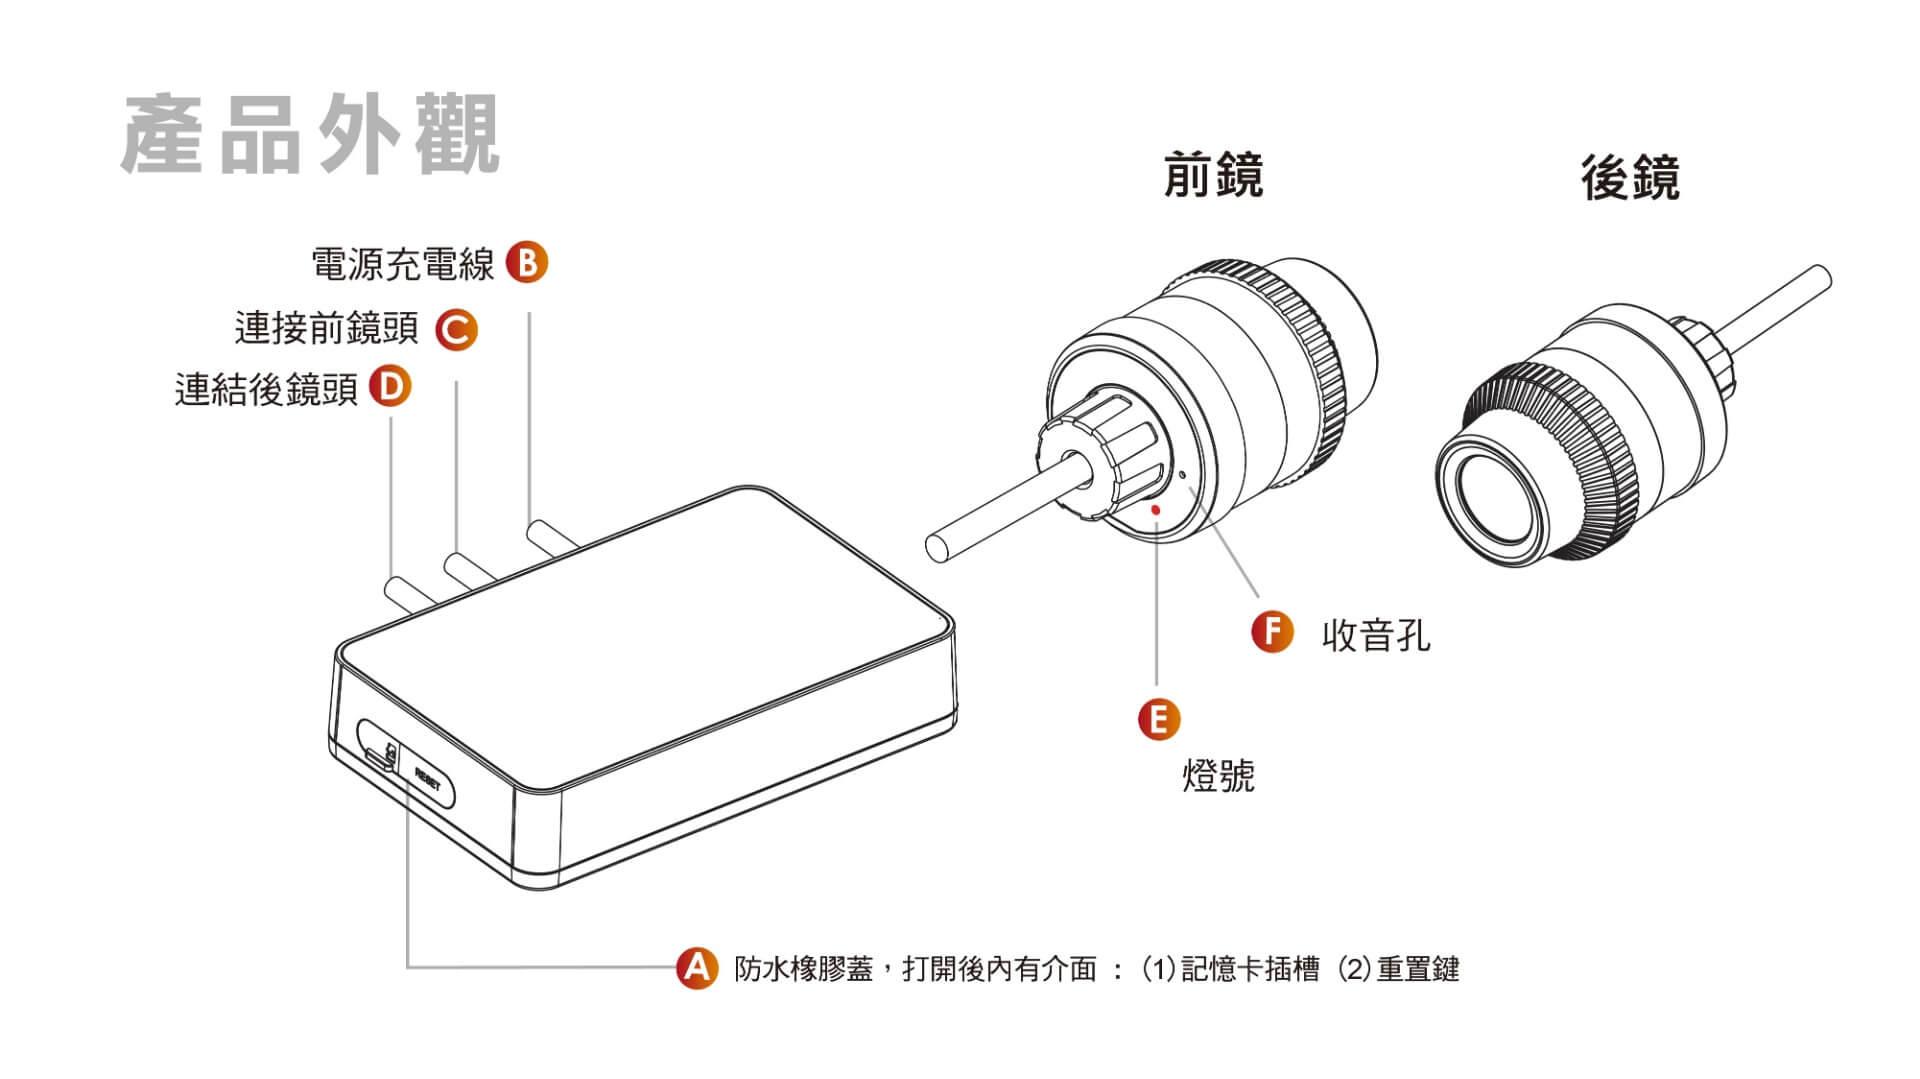 proimages/product/Bike_Cam/PX-GX/PX-GX_16_resized.jpg